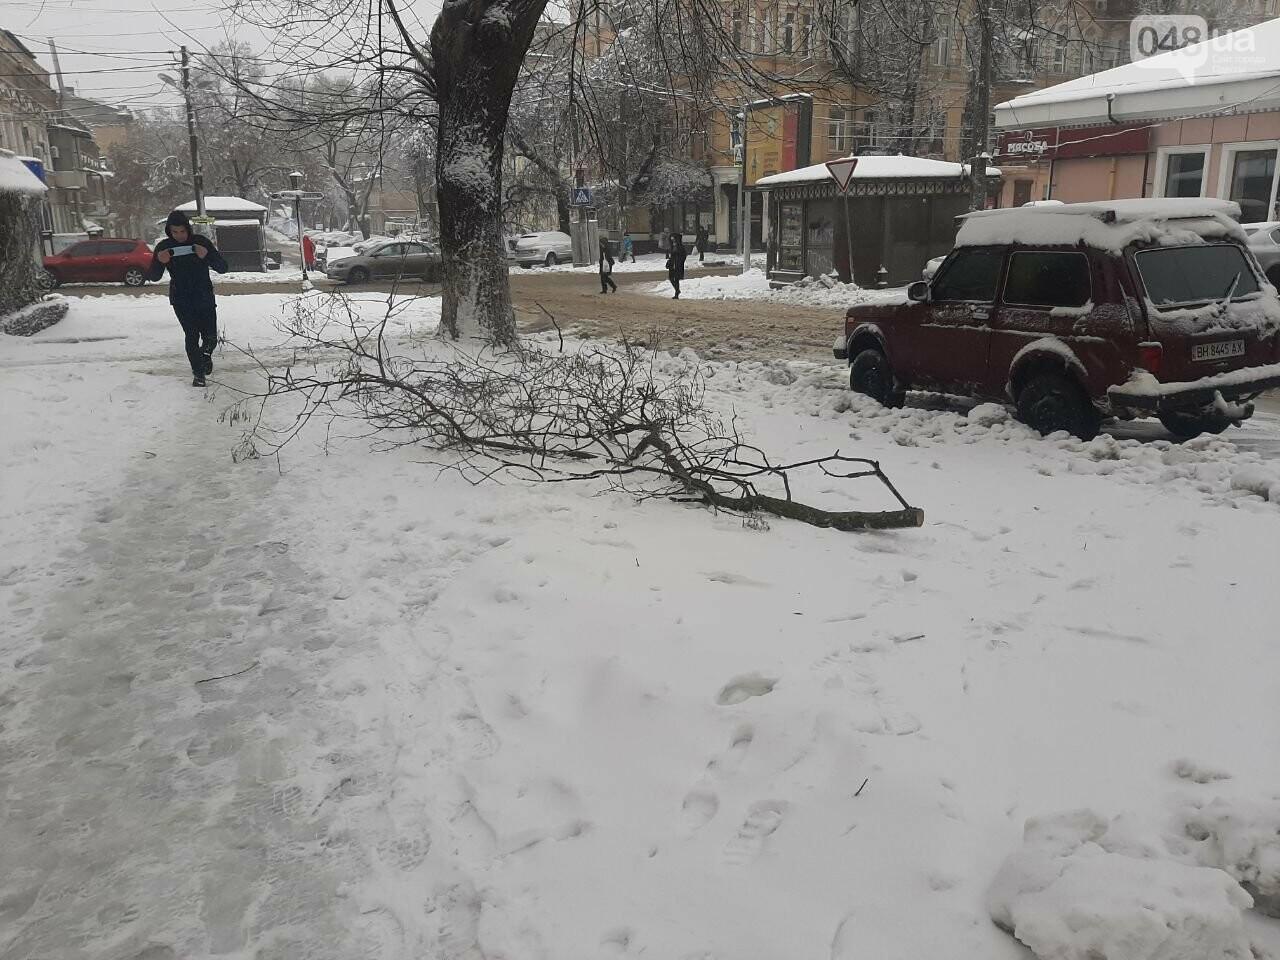 Последствия непогоды в Одессе, - ФОТОРЕПОРТАЖ, фото-1212